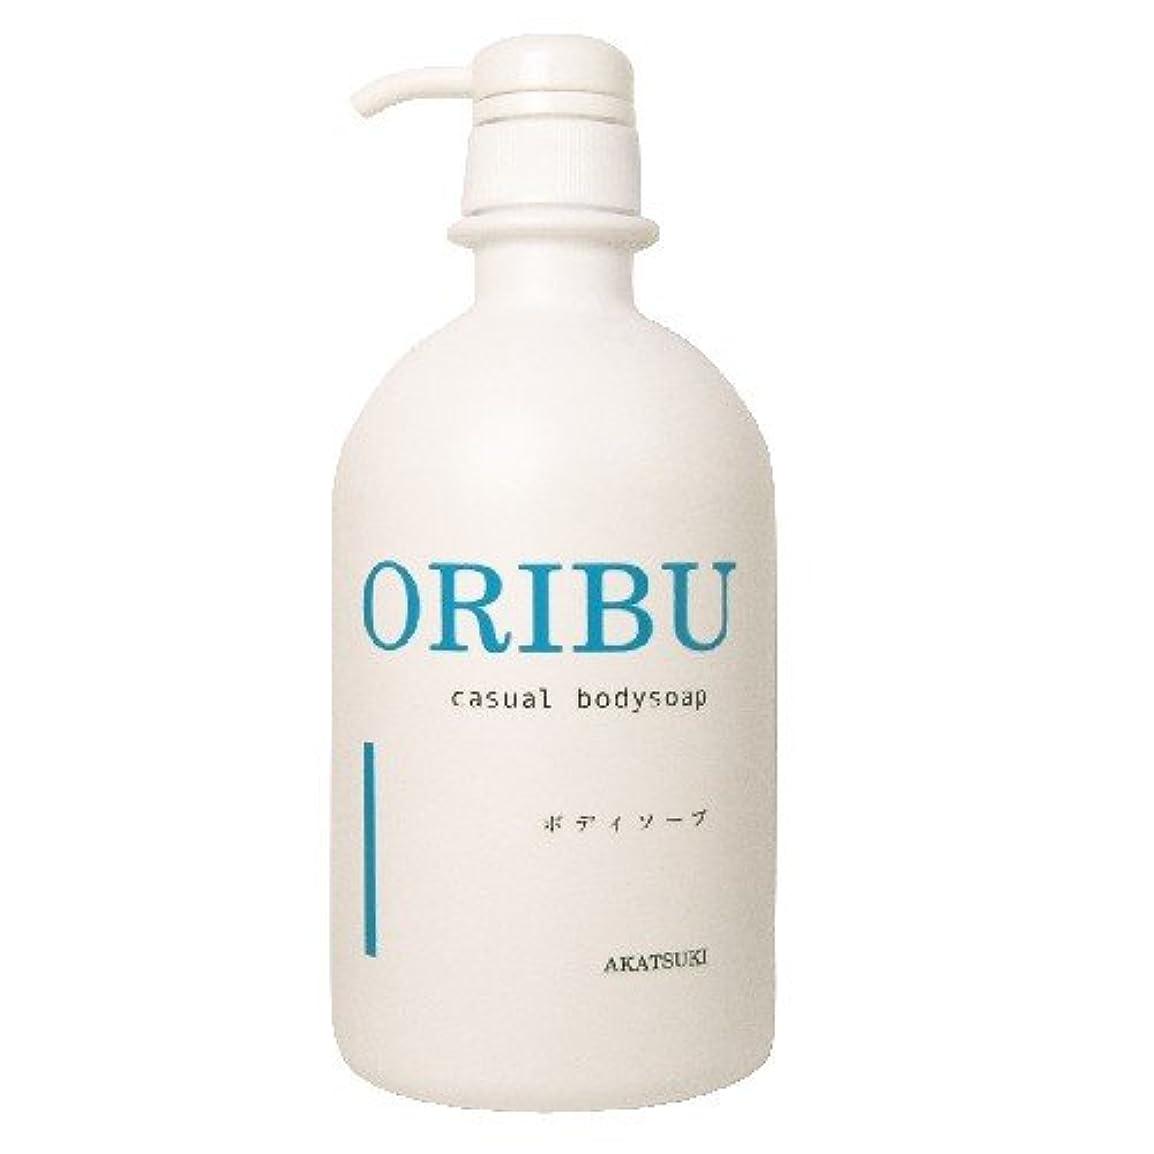 ドロップ豪華な代理店ORIBU果樹亜瑠 ボディソープ ボトル 800ml